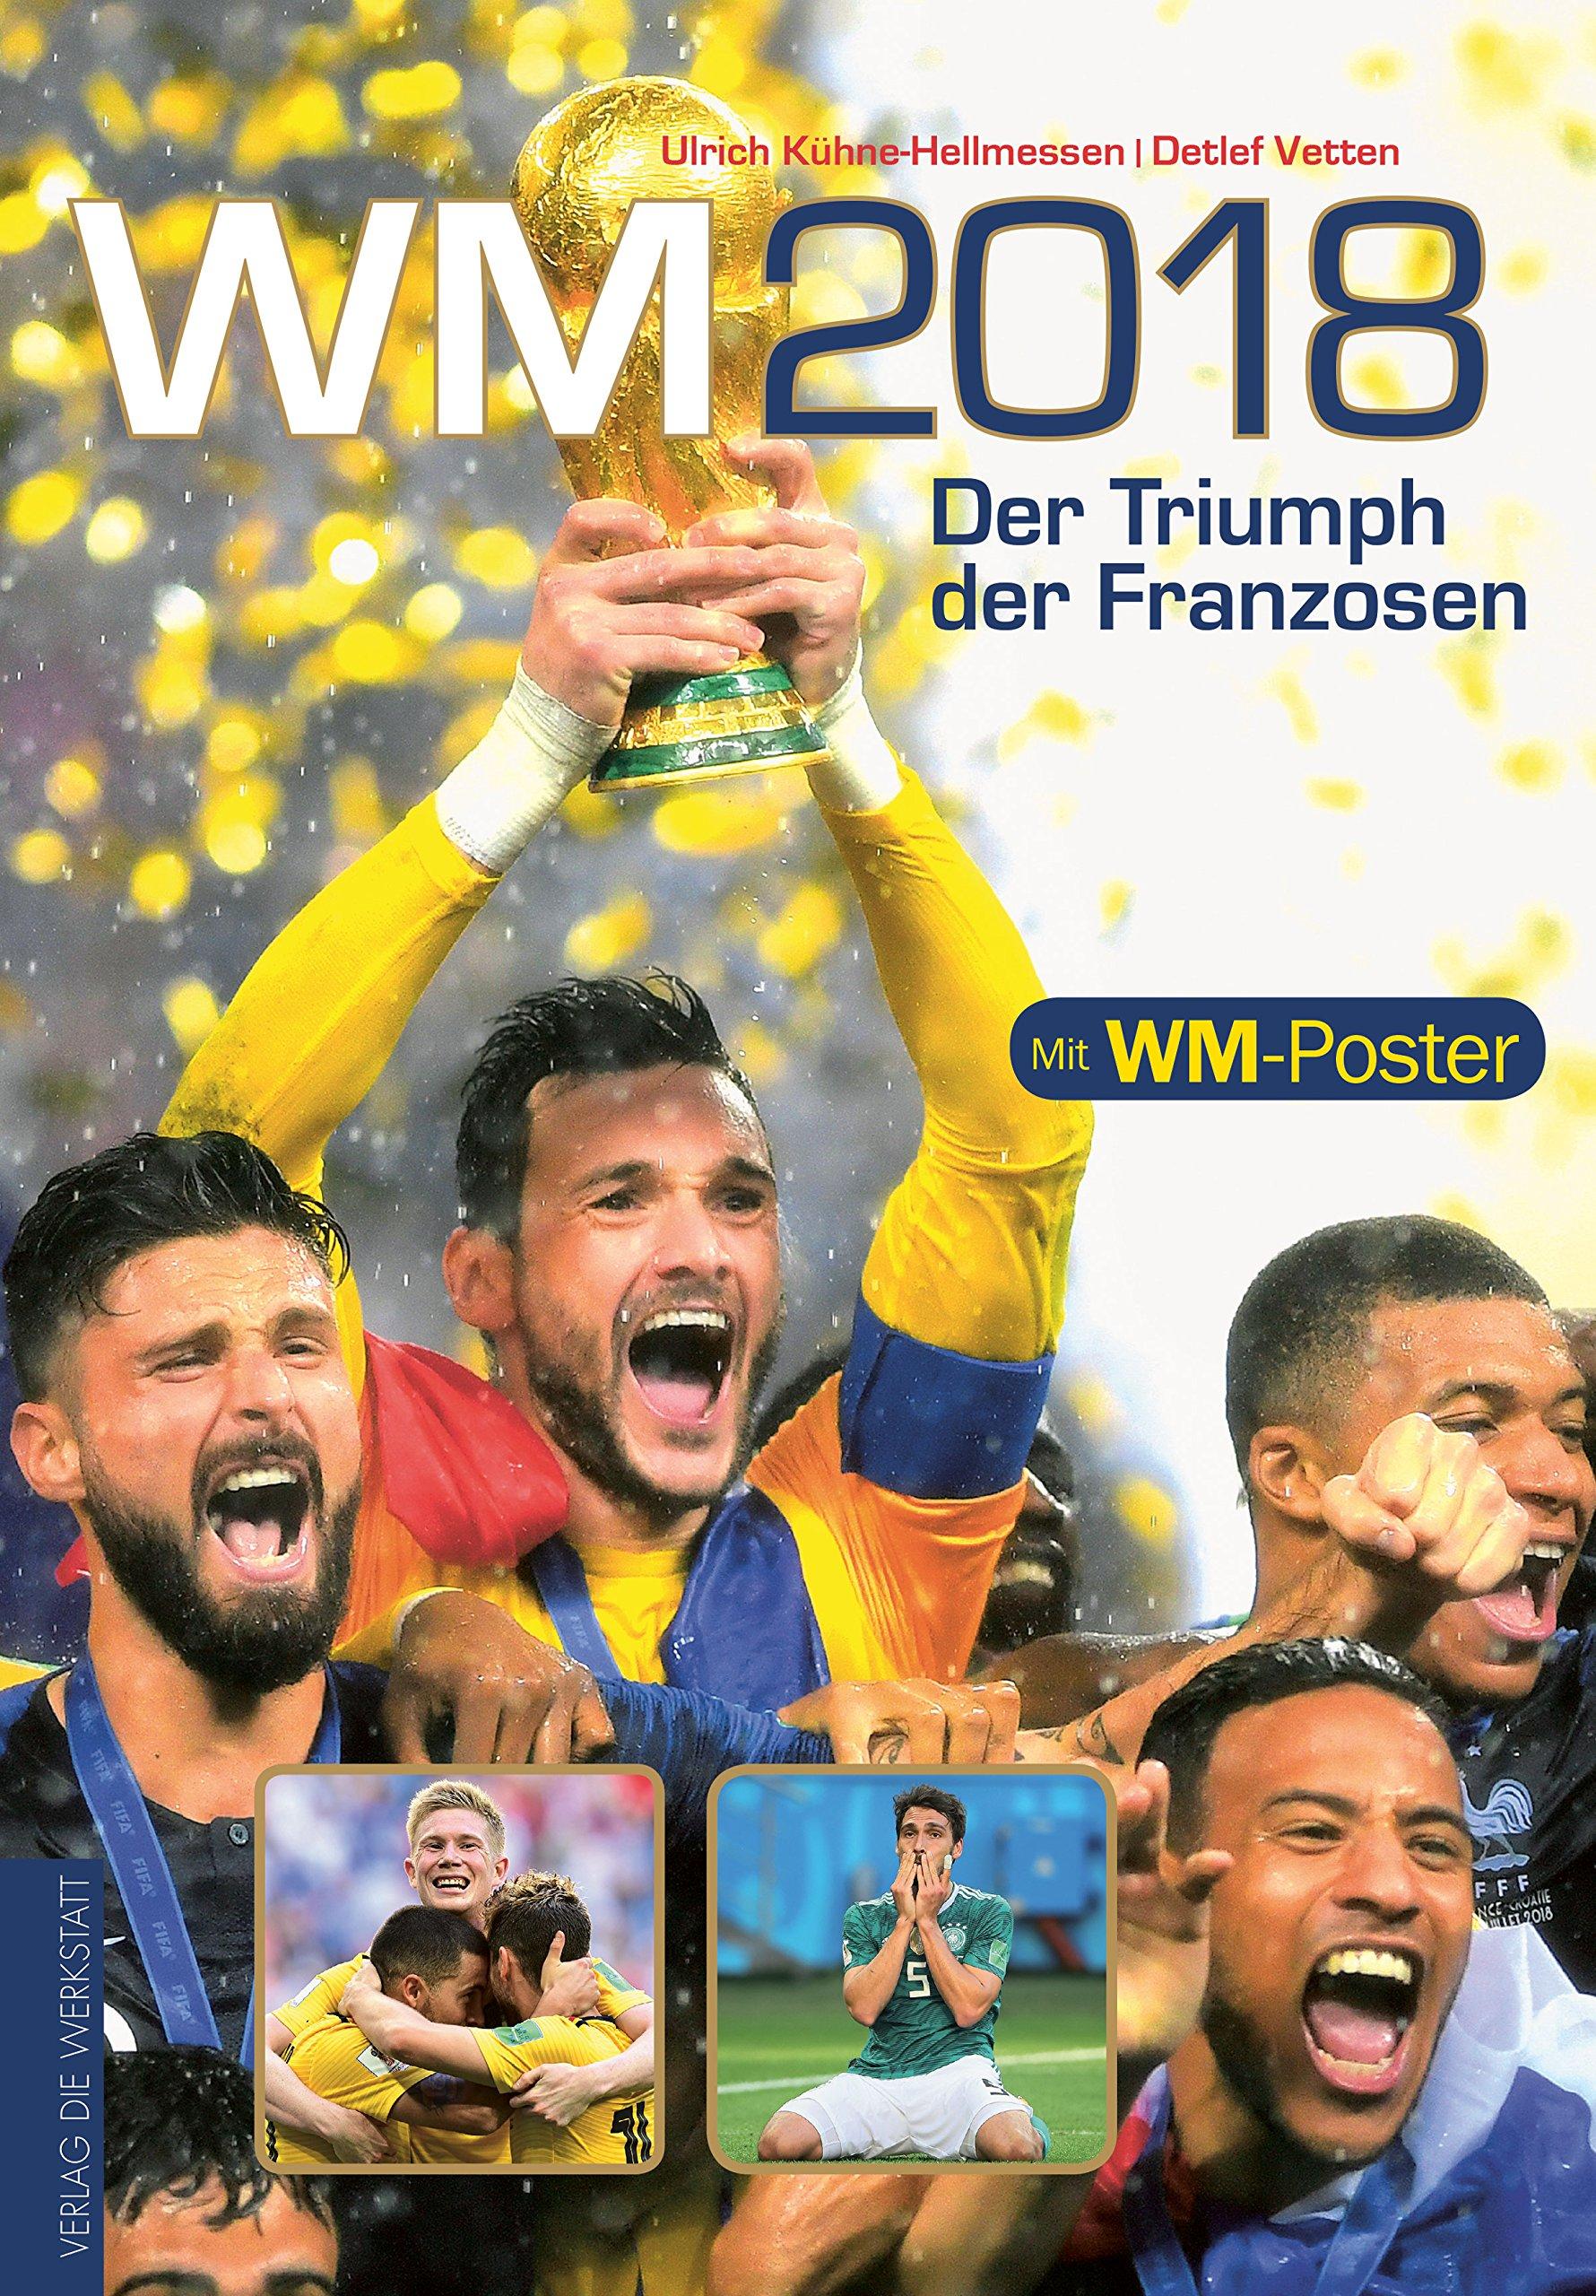 WM 2018: Der Triumph der Franzosen